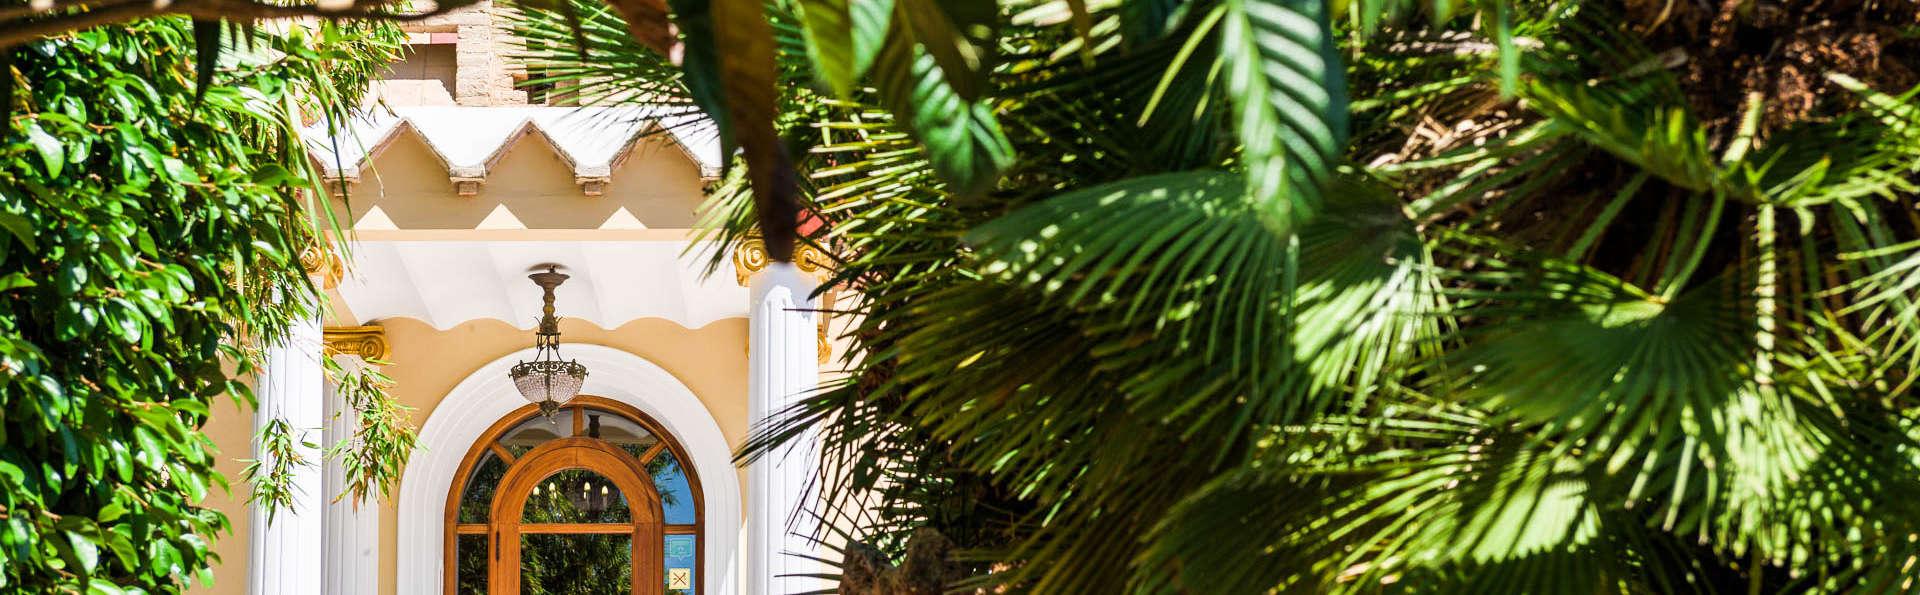 Hotel Villa Retiro - EDIT_FRONT.jpg